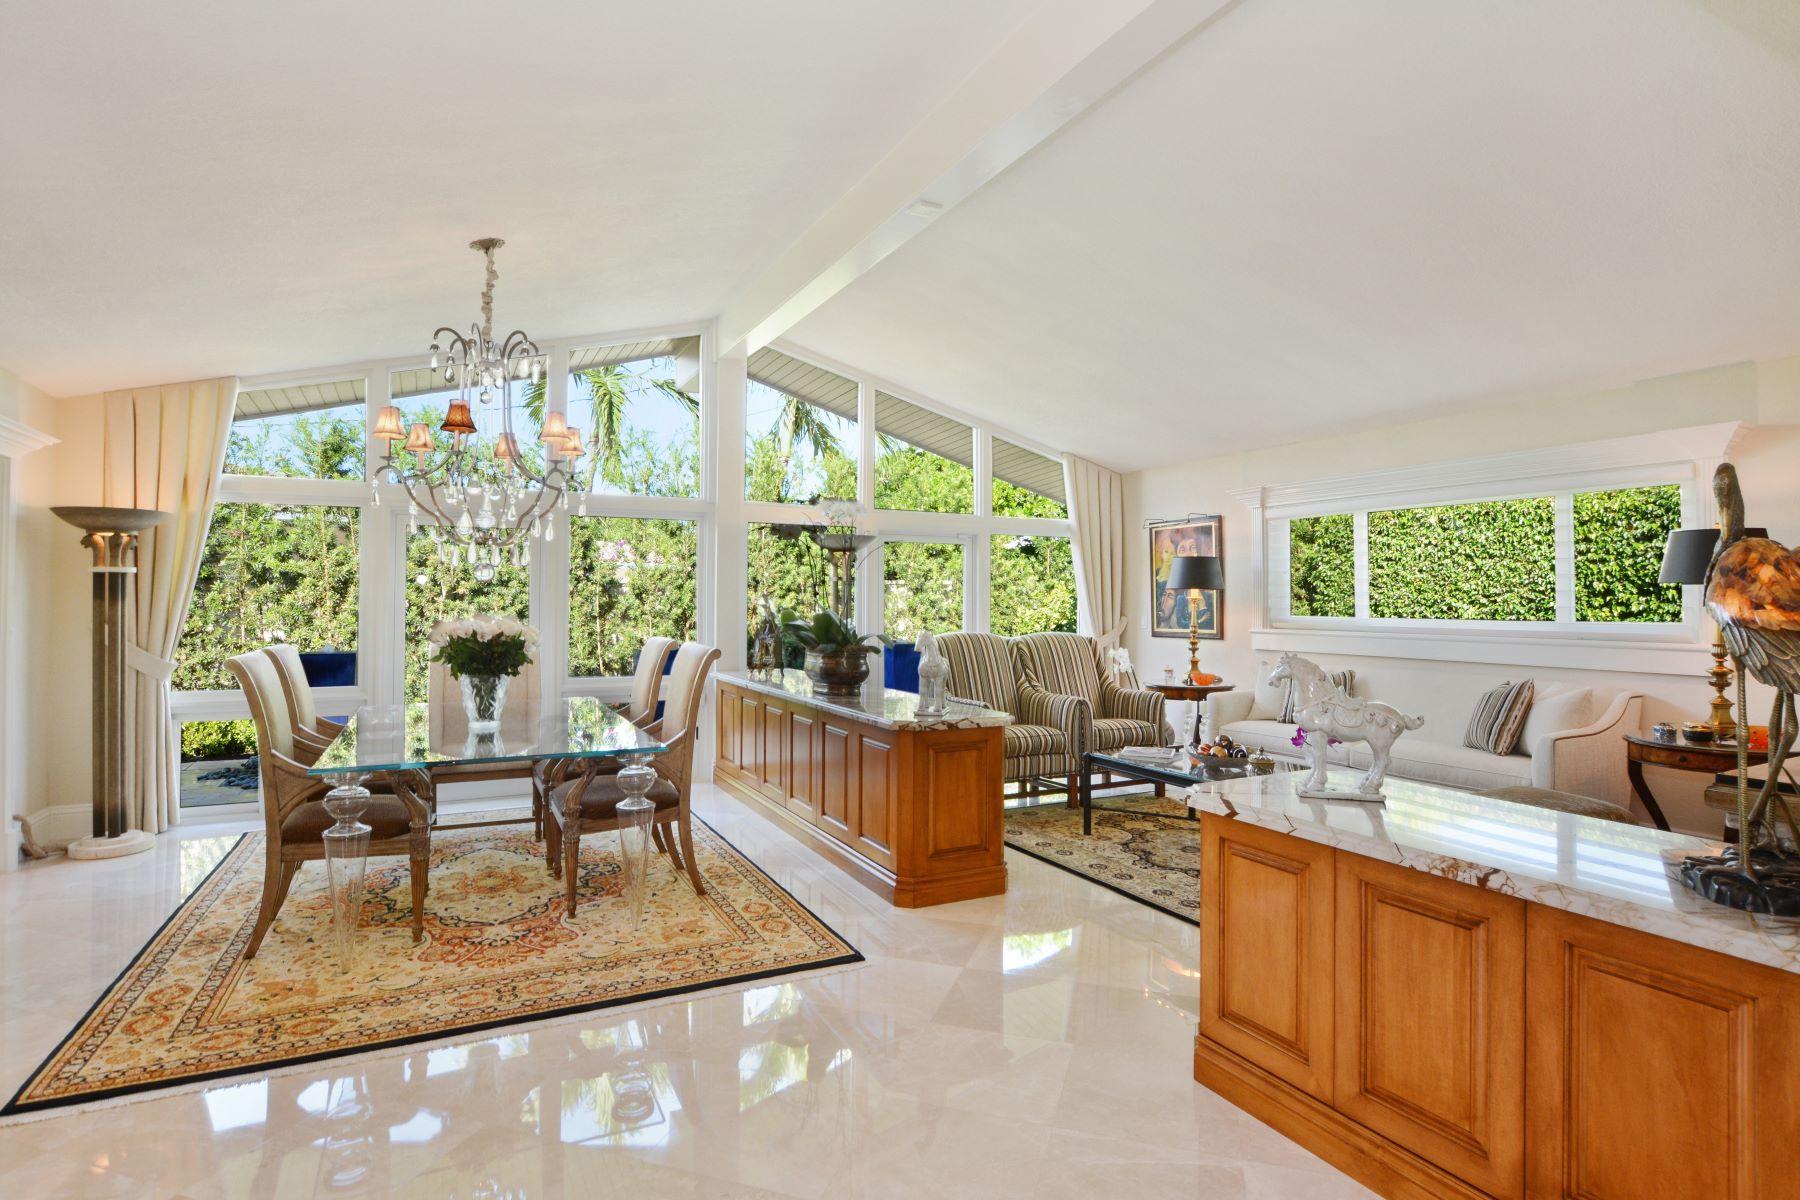 단독 가정 주택 용 매매 에 4200 Ne 28th Ave Fort Lauderdale, 플로리다, 33308 미국